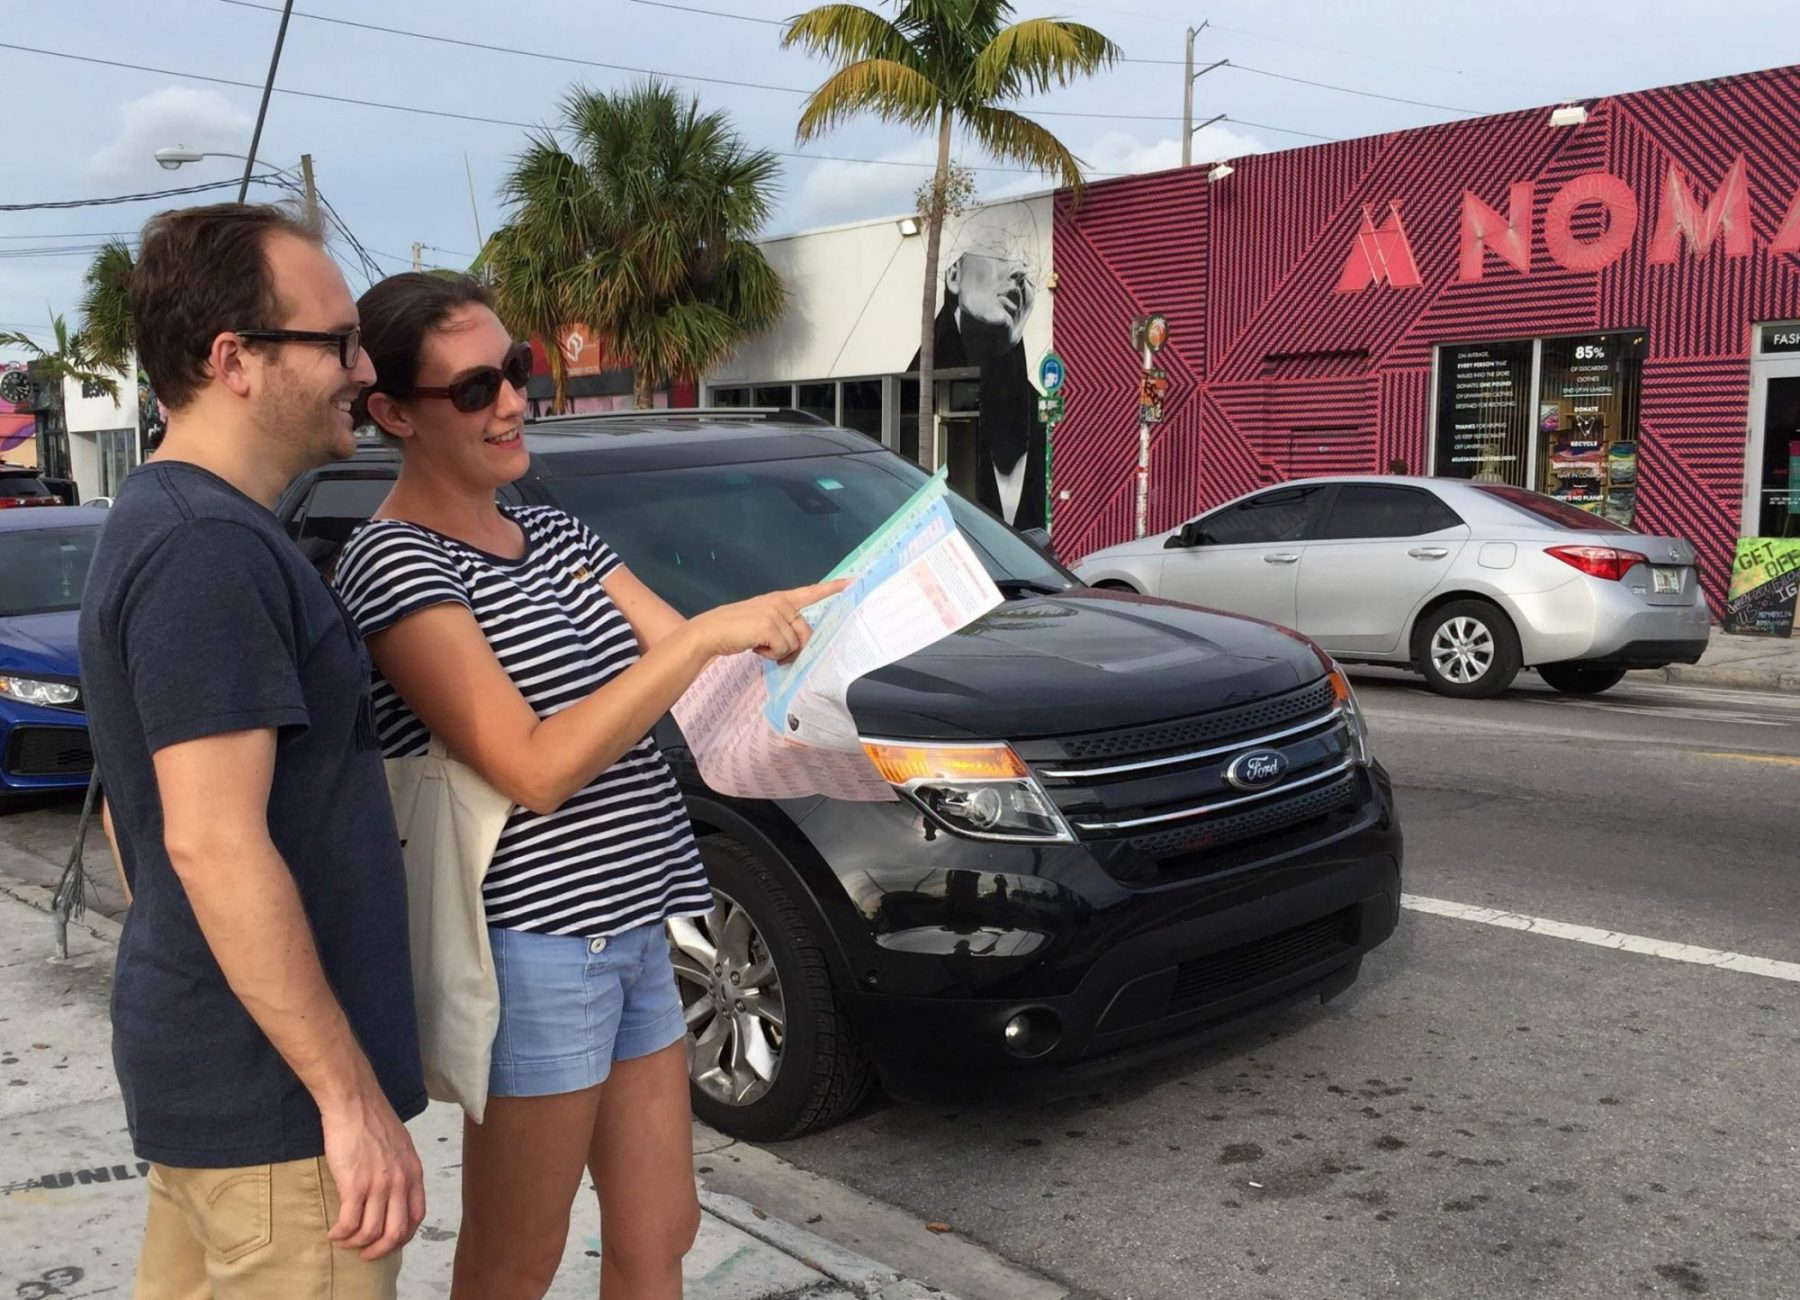 accompagnement à la préparation de séjour welcome to Miami wynwood carte guide visite guidée informations touristiques aide à l'arrivée à Miami blog miami off road